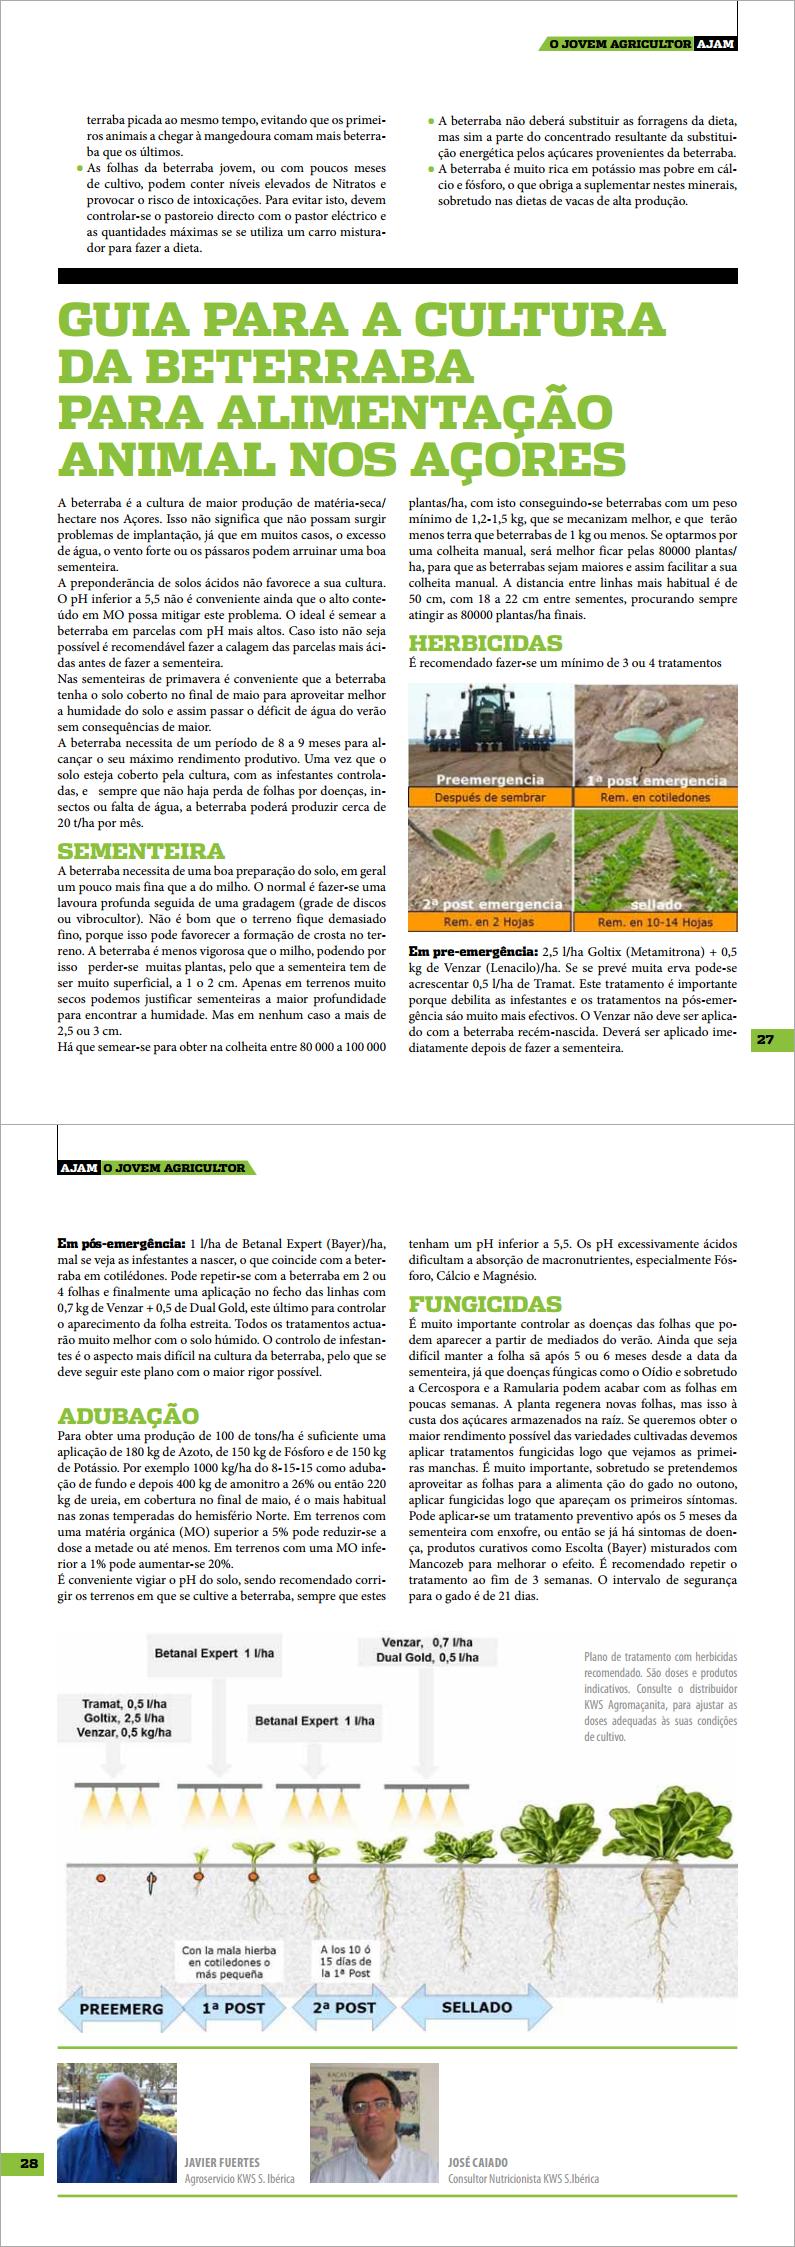 Revista JOVEM AGRICULTOR 46 (1)_Image7